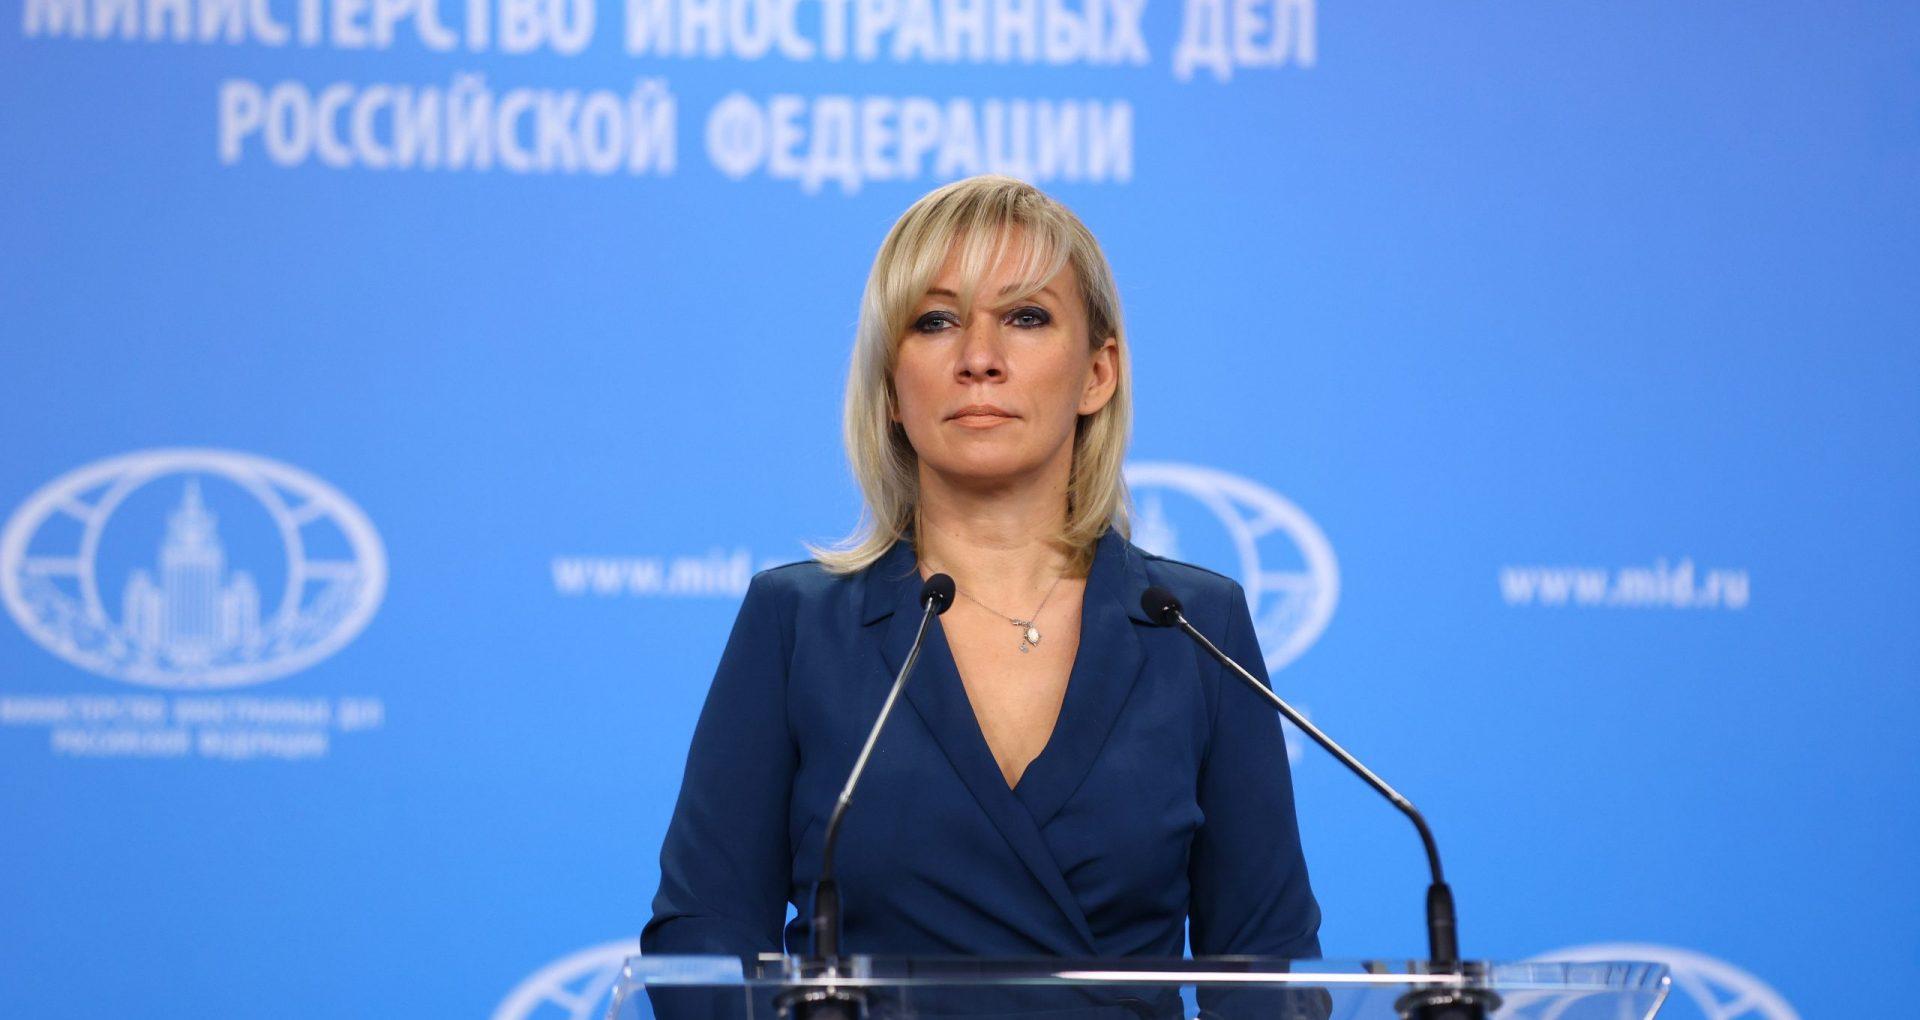 """Ministerul rus de externe acuză UE și SUA de amestec în treburile interne ale R. Moldova. Acesta îndeamnă statele să se abțină de la a interveni în problemele țării și """"să nu depășească normele de etică diplomatică"""""""